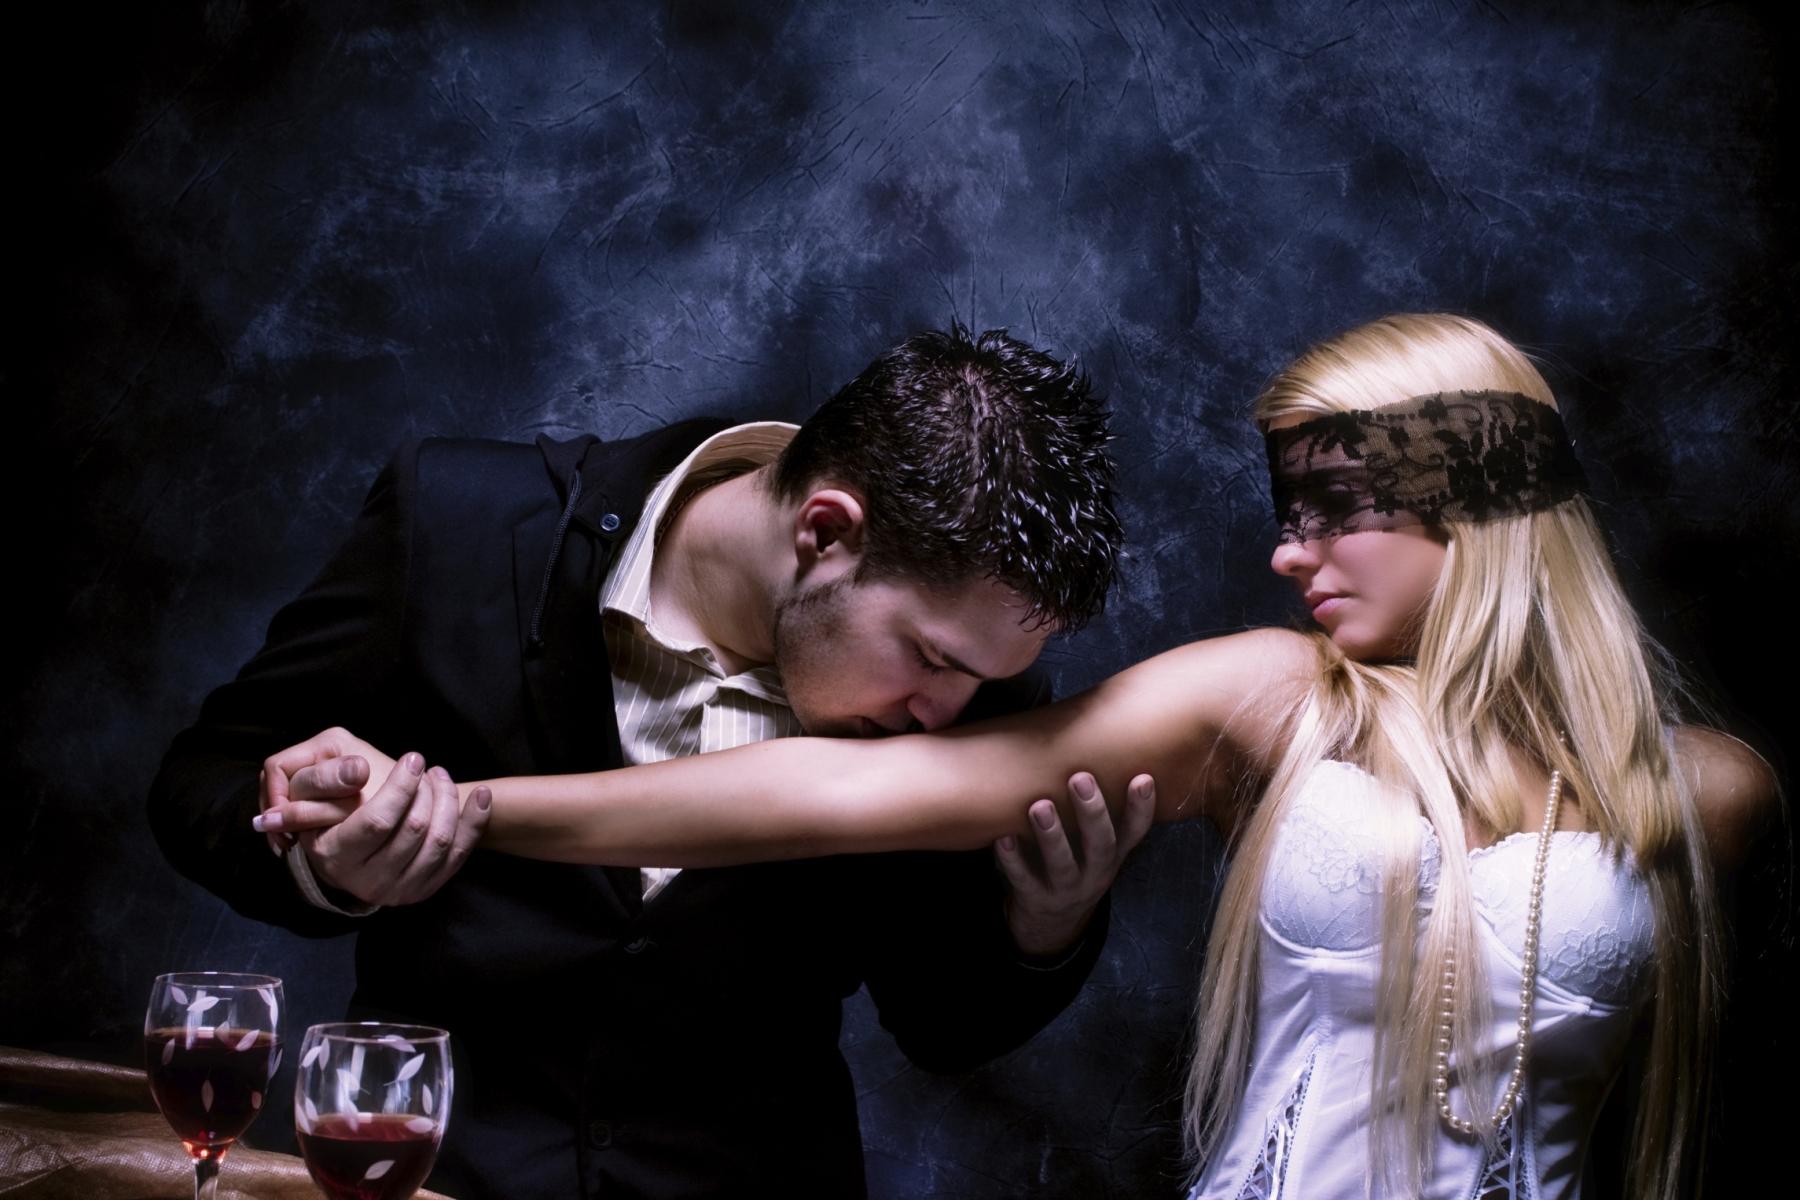 Смотреть сексуальная навязчивая идея, Табу 6: Навязчивая идея Taboo 6: The Obsession 22 фотография